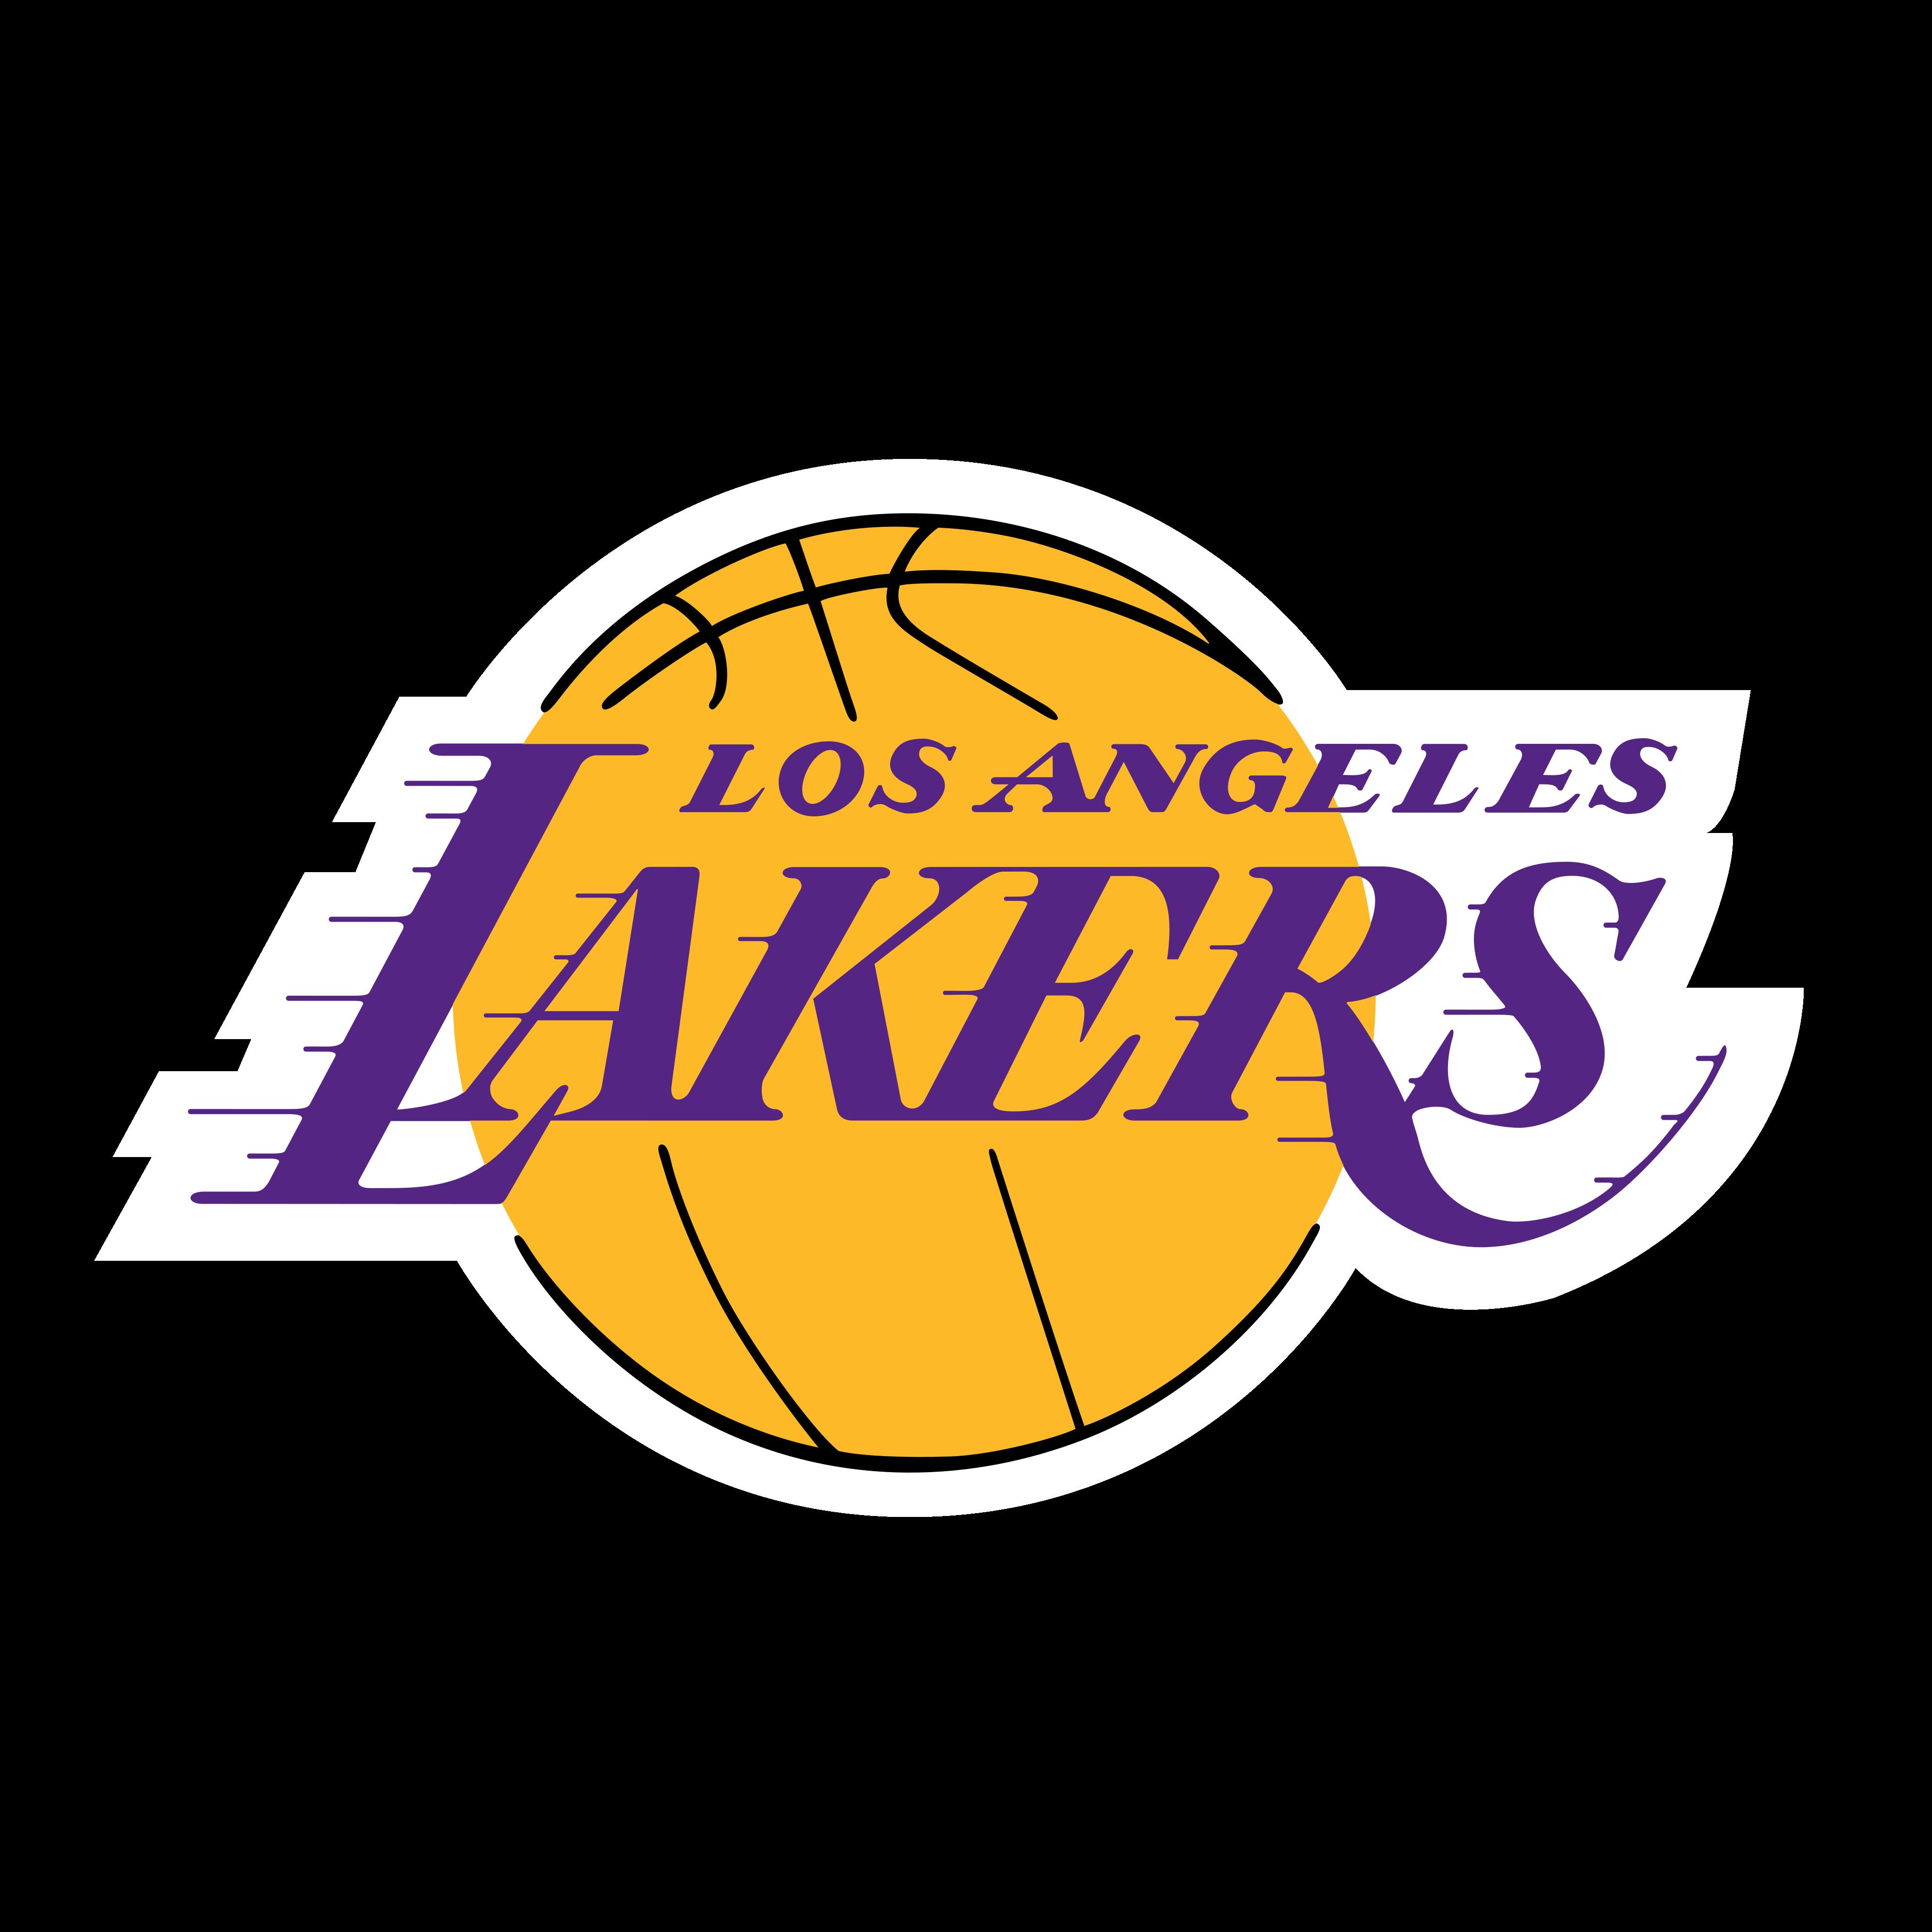 la lakers logo.